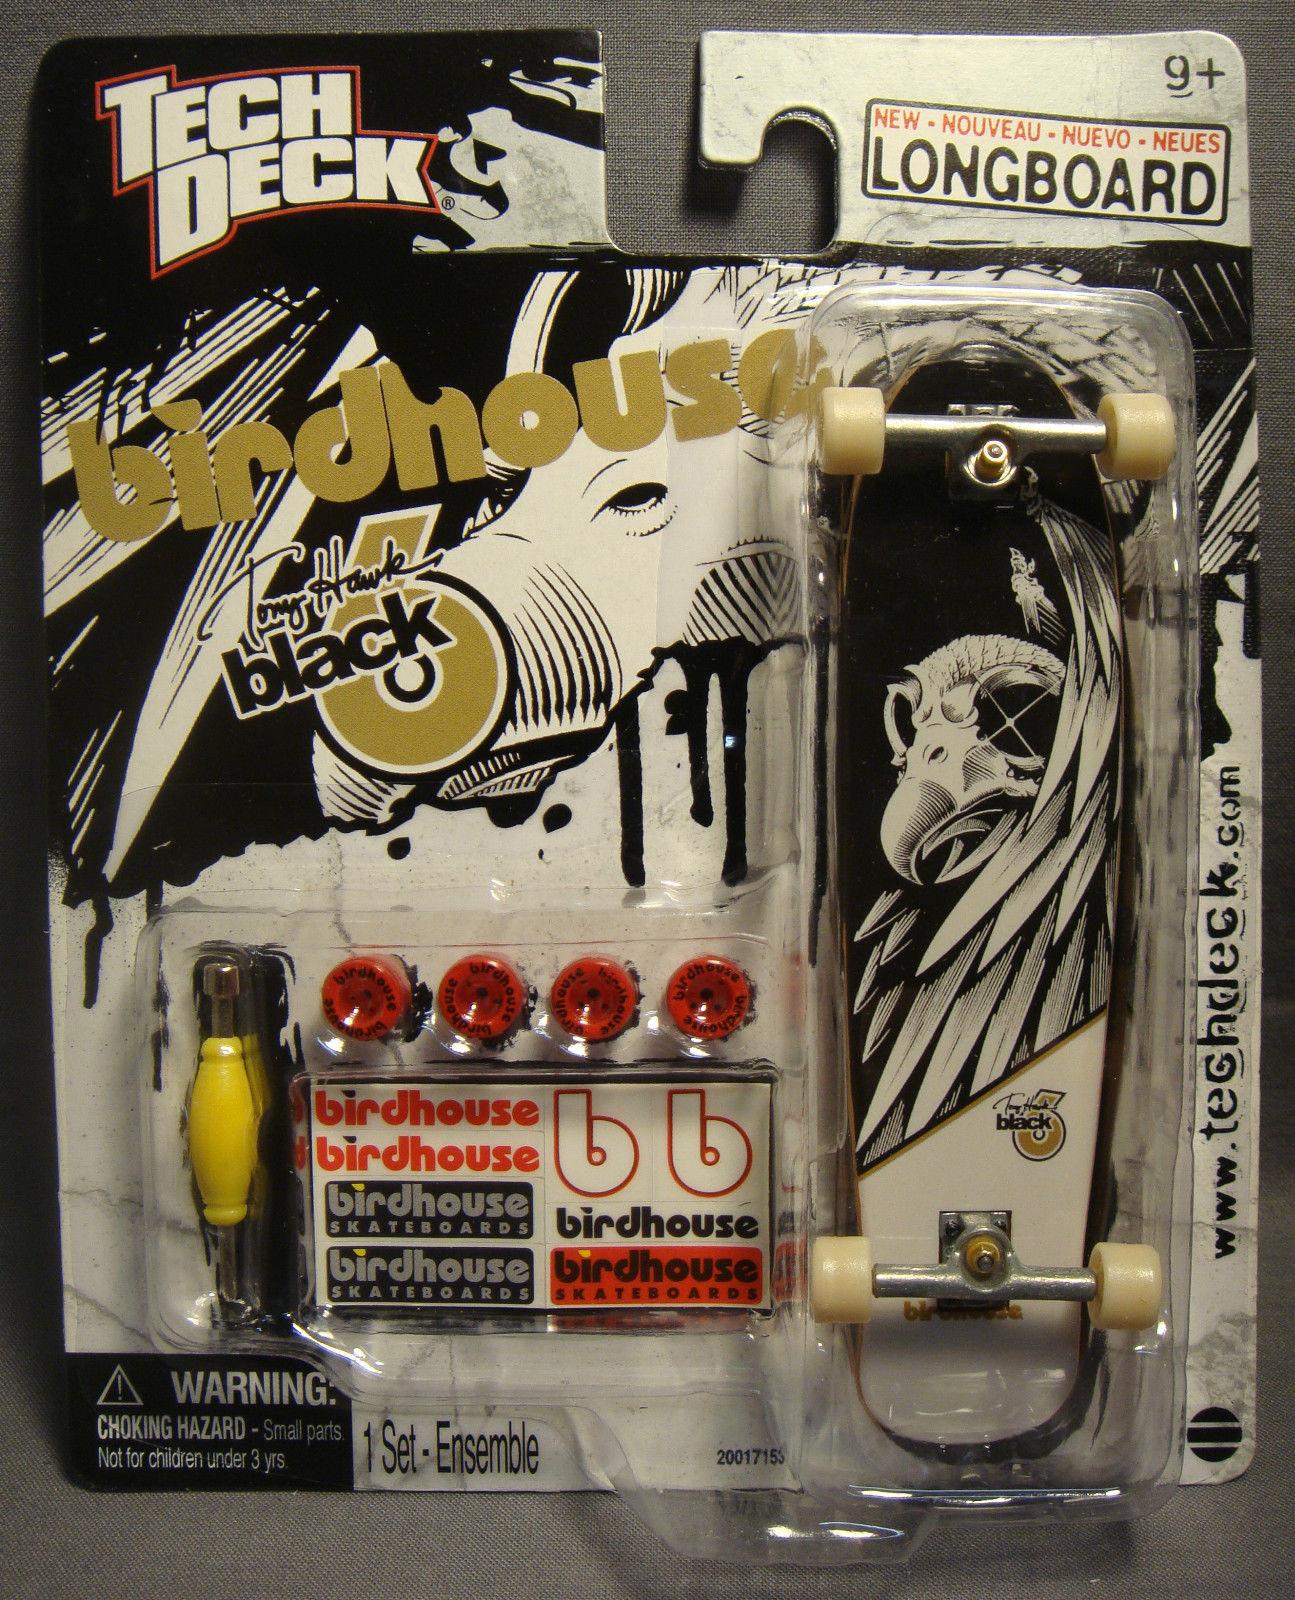 TECH DECK 120MM TONY HAWK BIRDHOUSE BLACK B LONGBOARD SKATEBOARD FINGERBOARD 9+